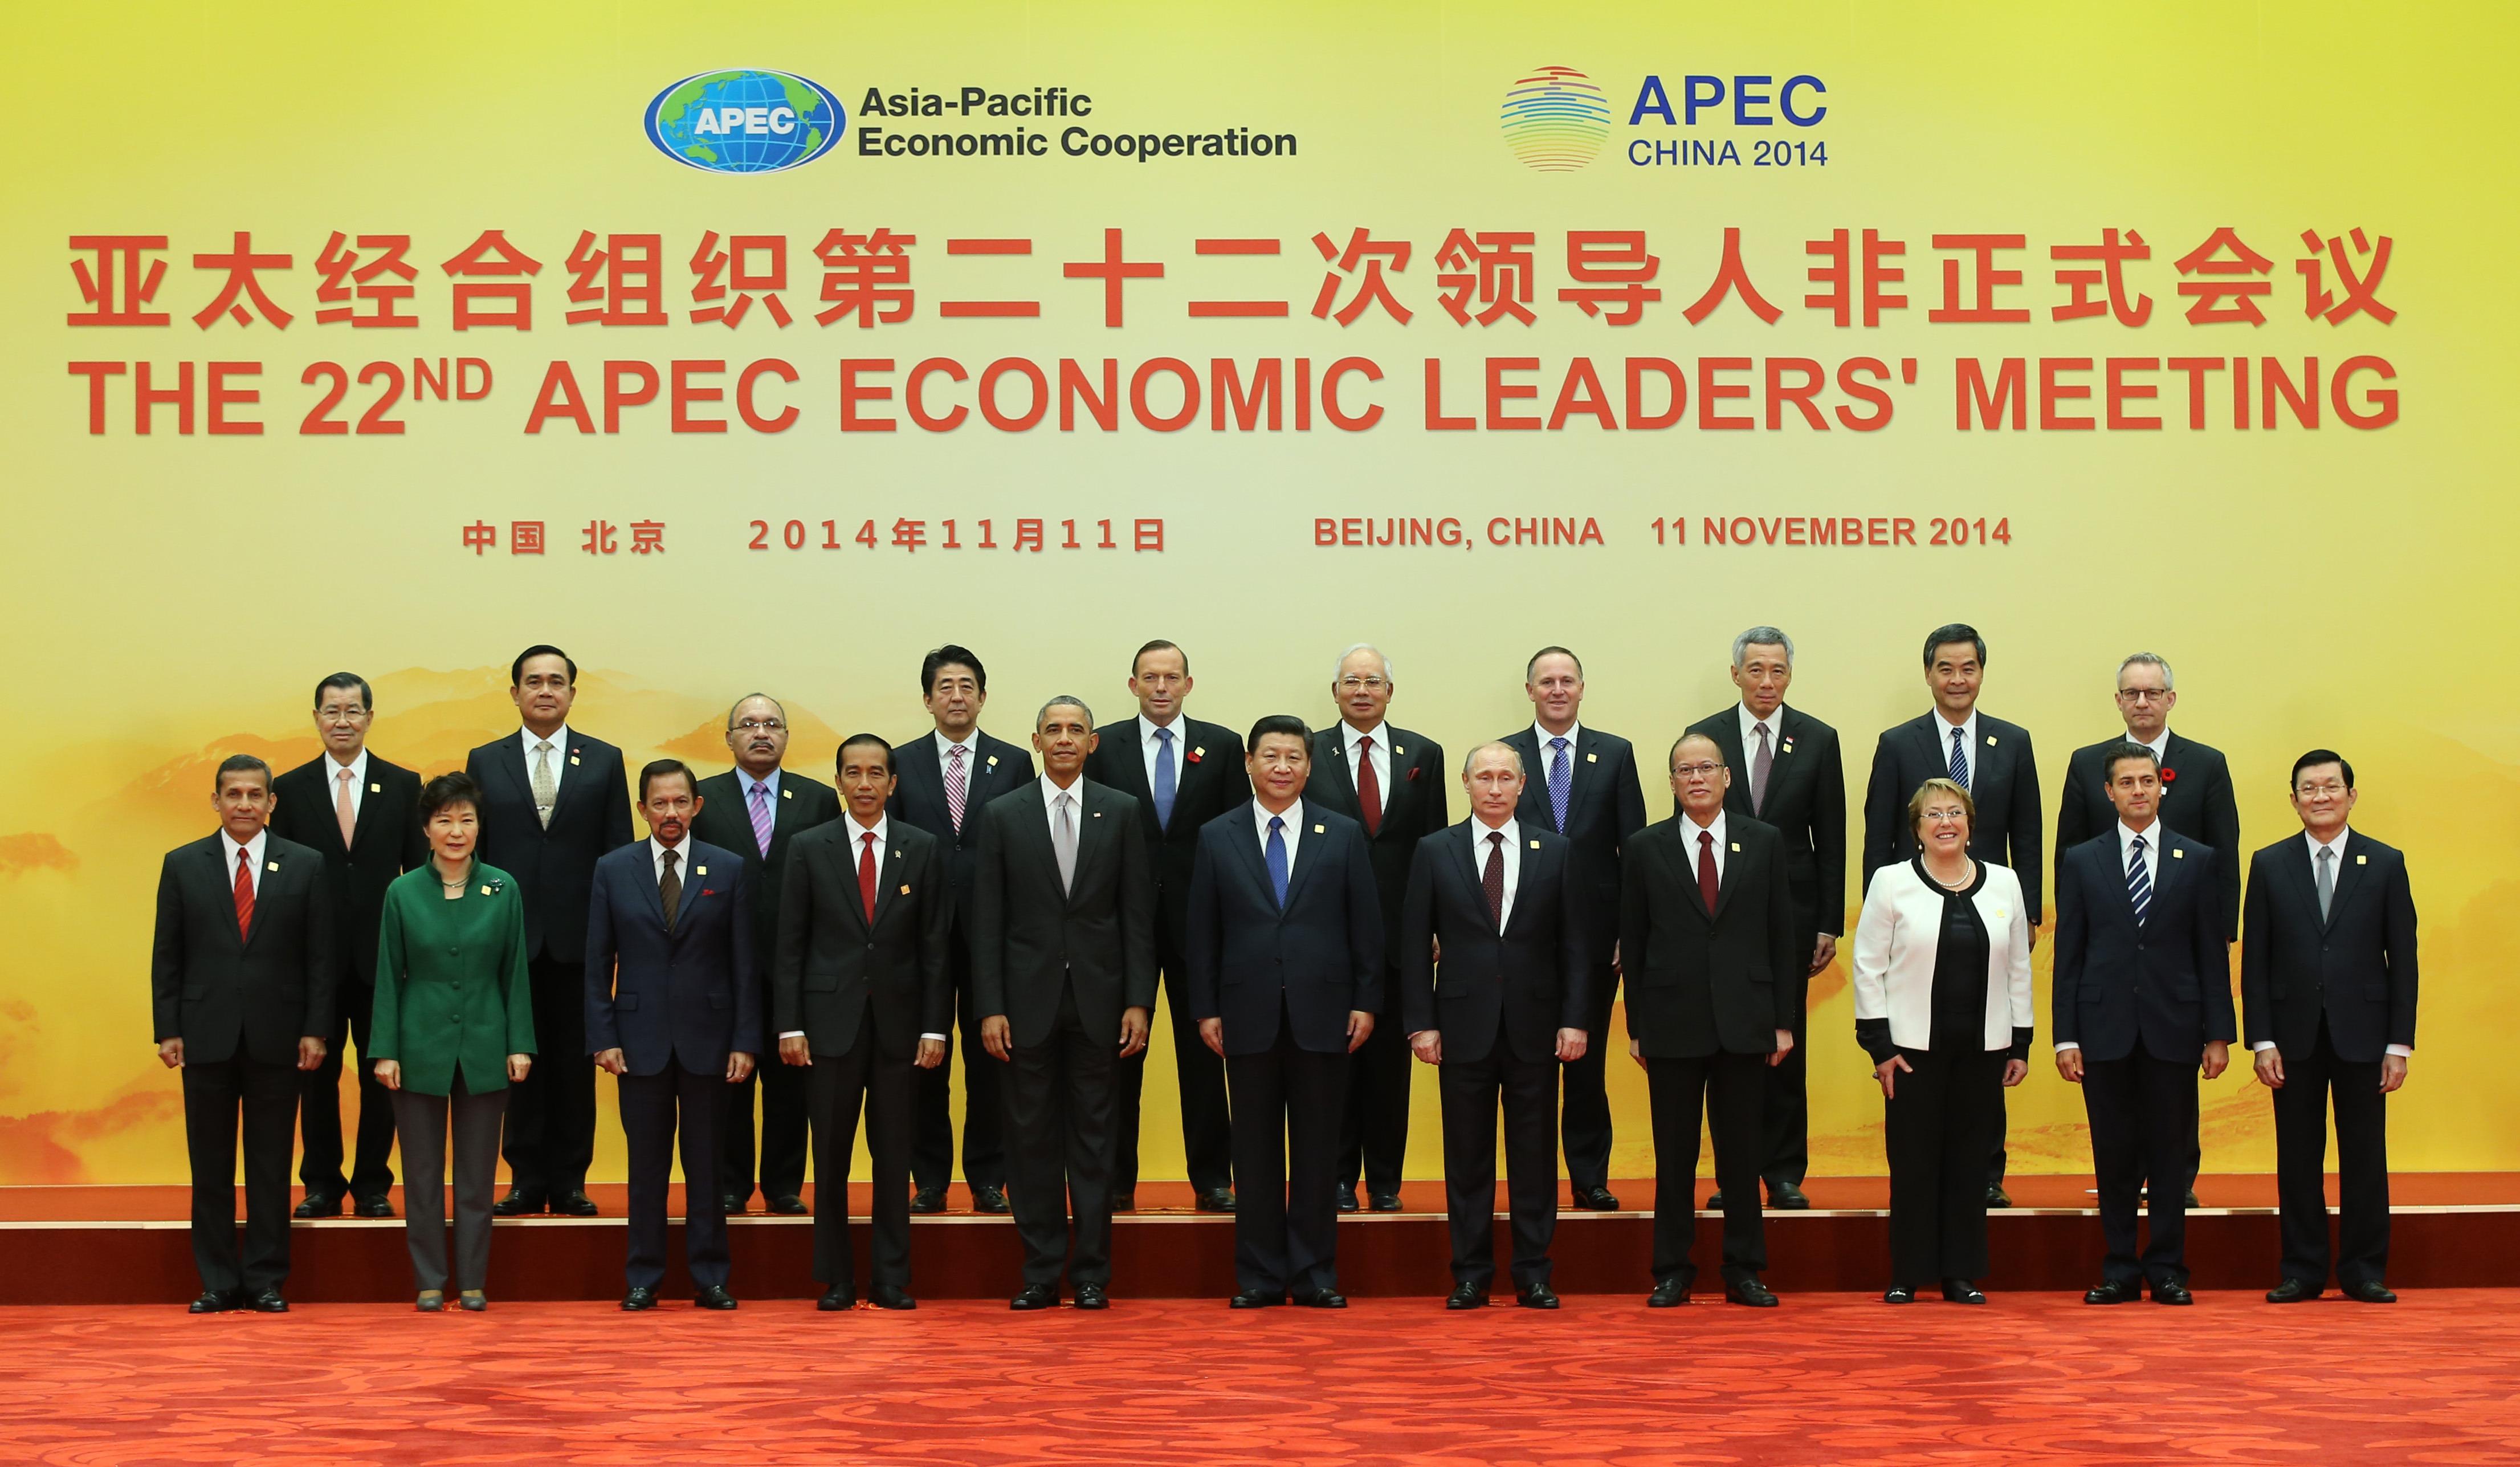 La cumbre de la APEC celebrada en Beijing a principios de noviembre. Foto: APEC